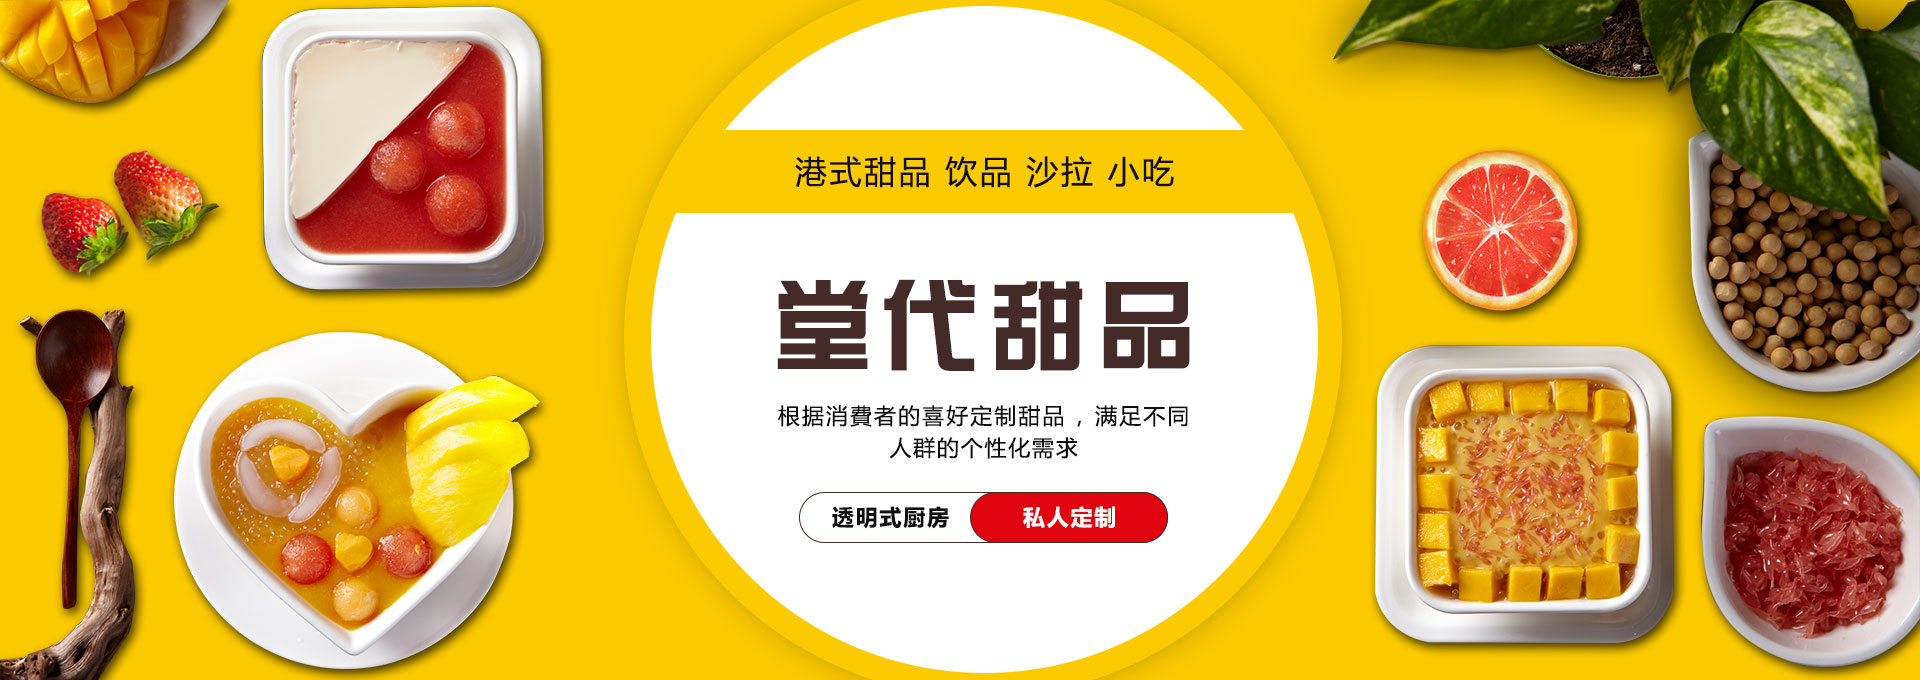 堂代甜品定制_昌启餐饮甜品加盟